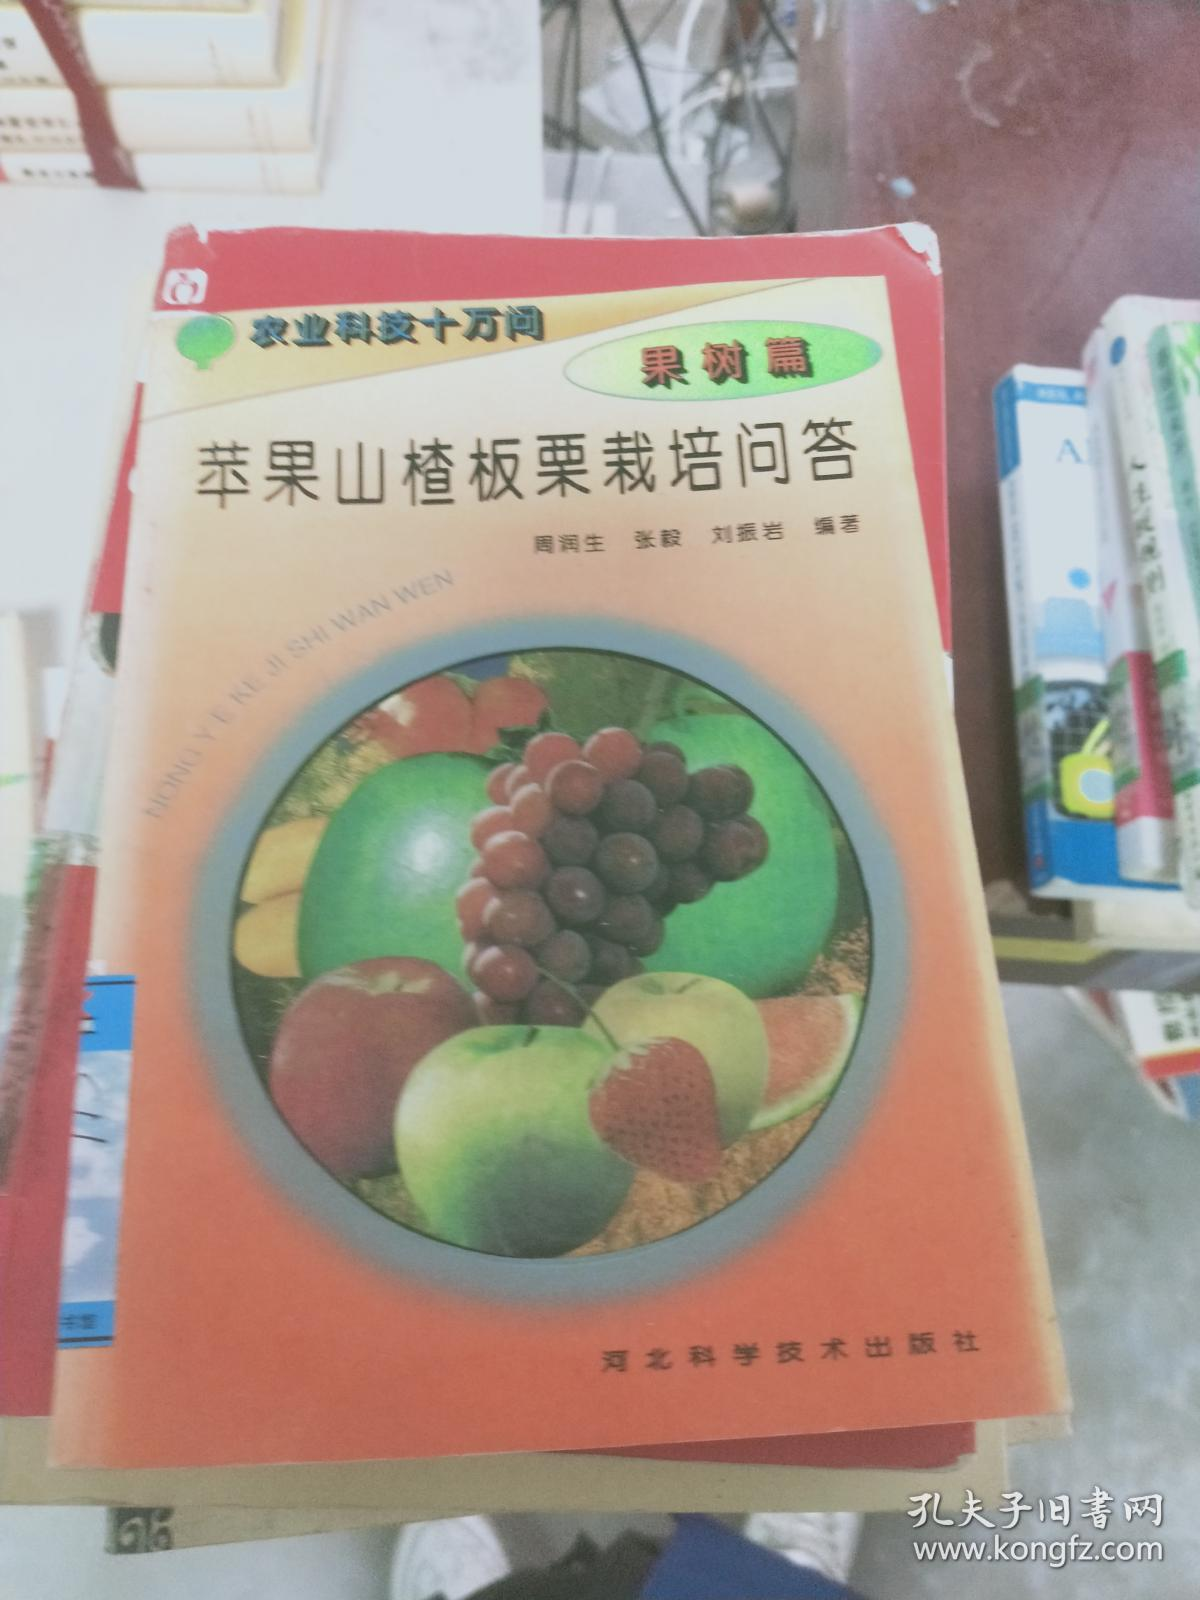 【正版!~】苹果山楂板栗栽培问答9787537514569